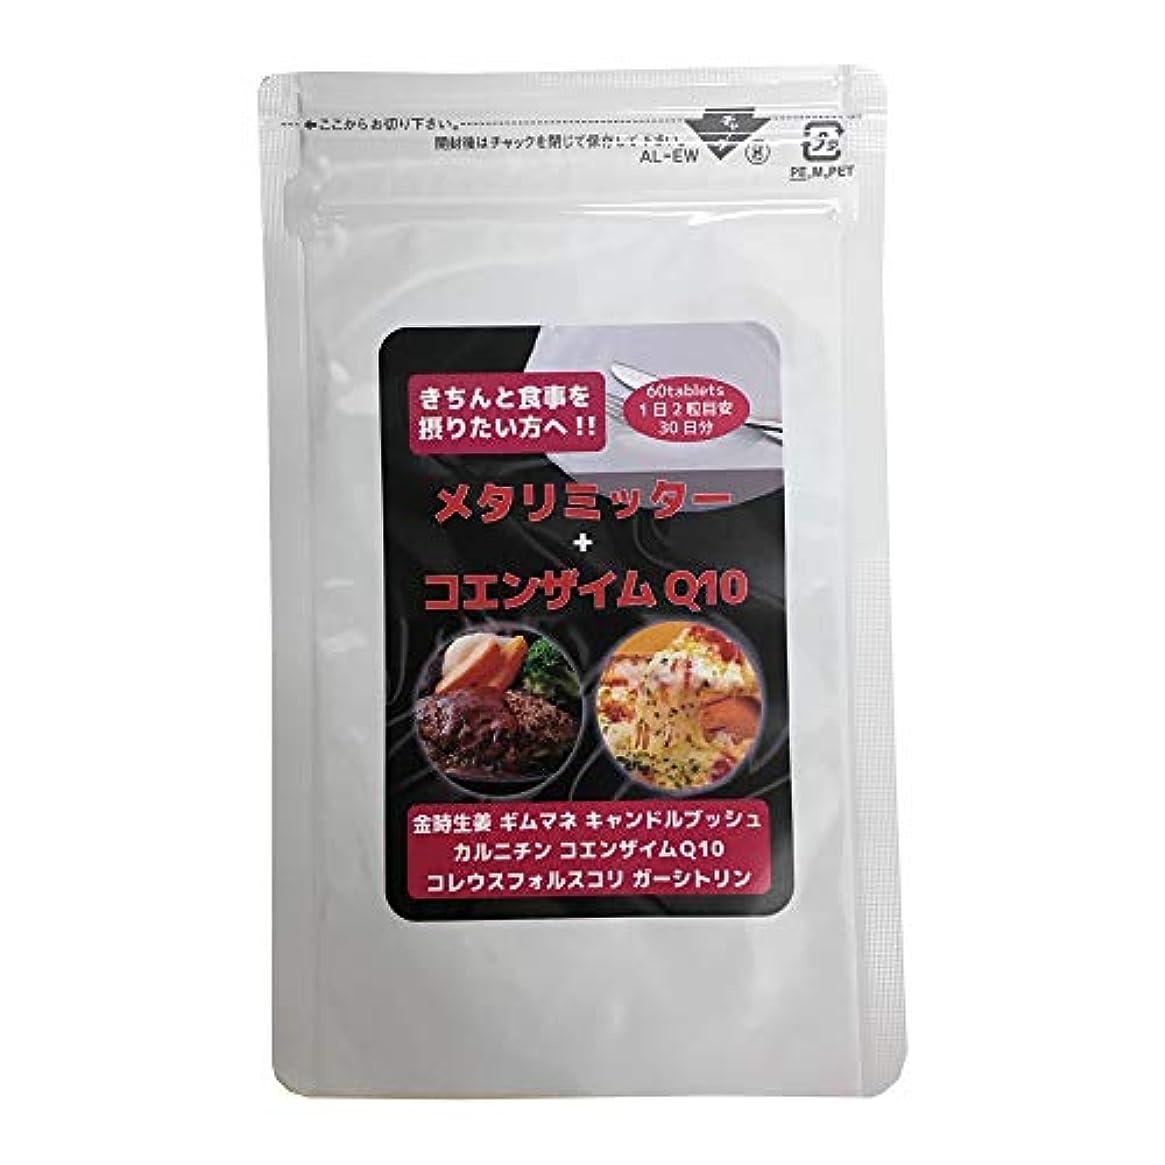 しおれたスタジオパークメタリミッター + コエンザイムQ10 キャンドルブッシュ 配合 ダイエット サプリ 30日分/60粒